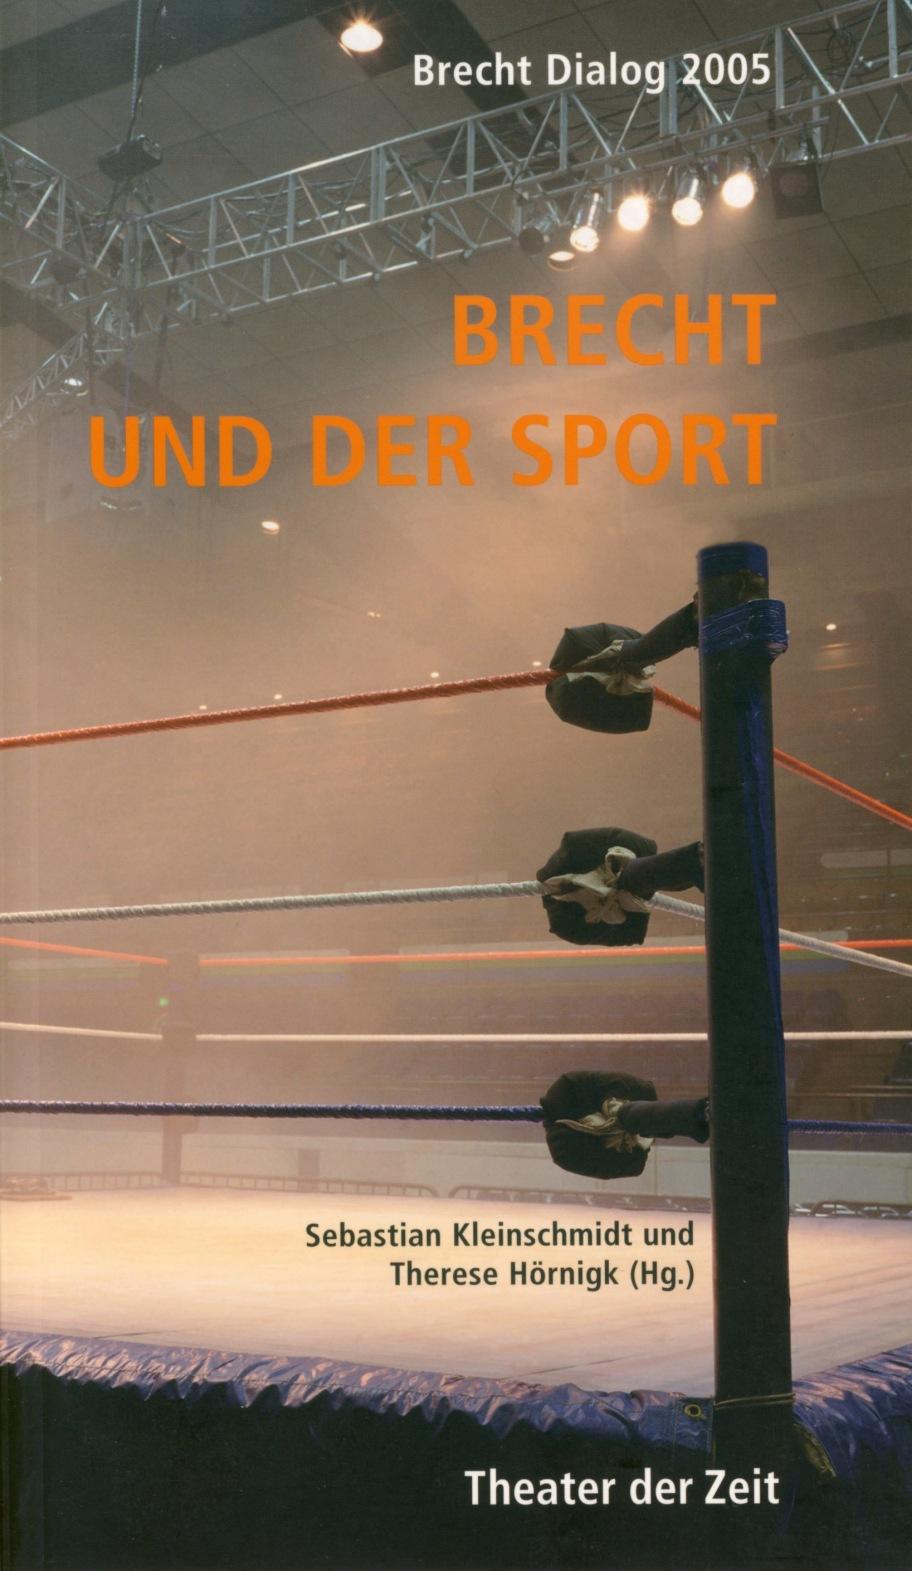 Brecht und der Sport